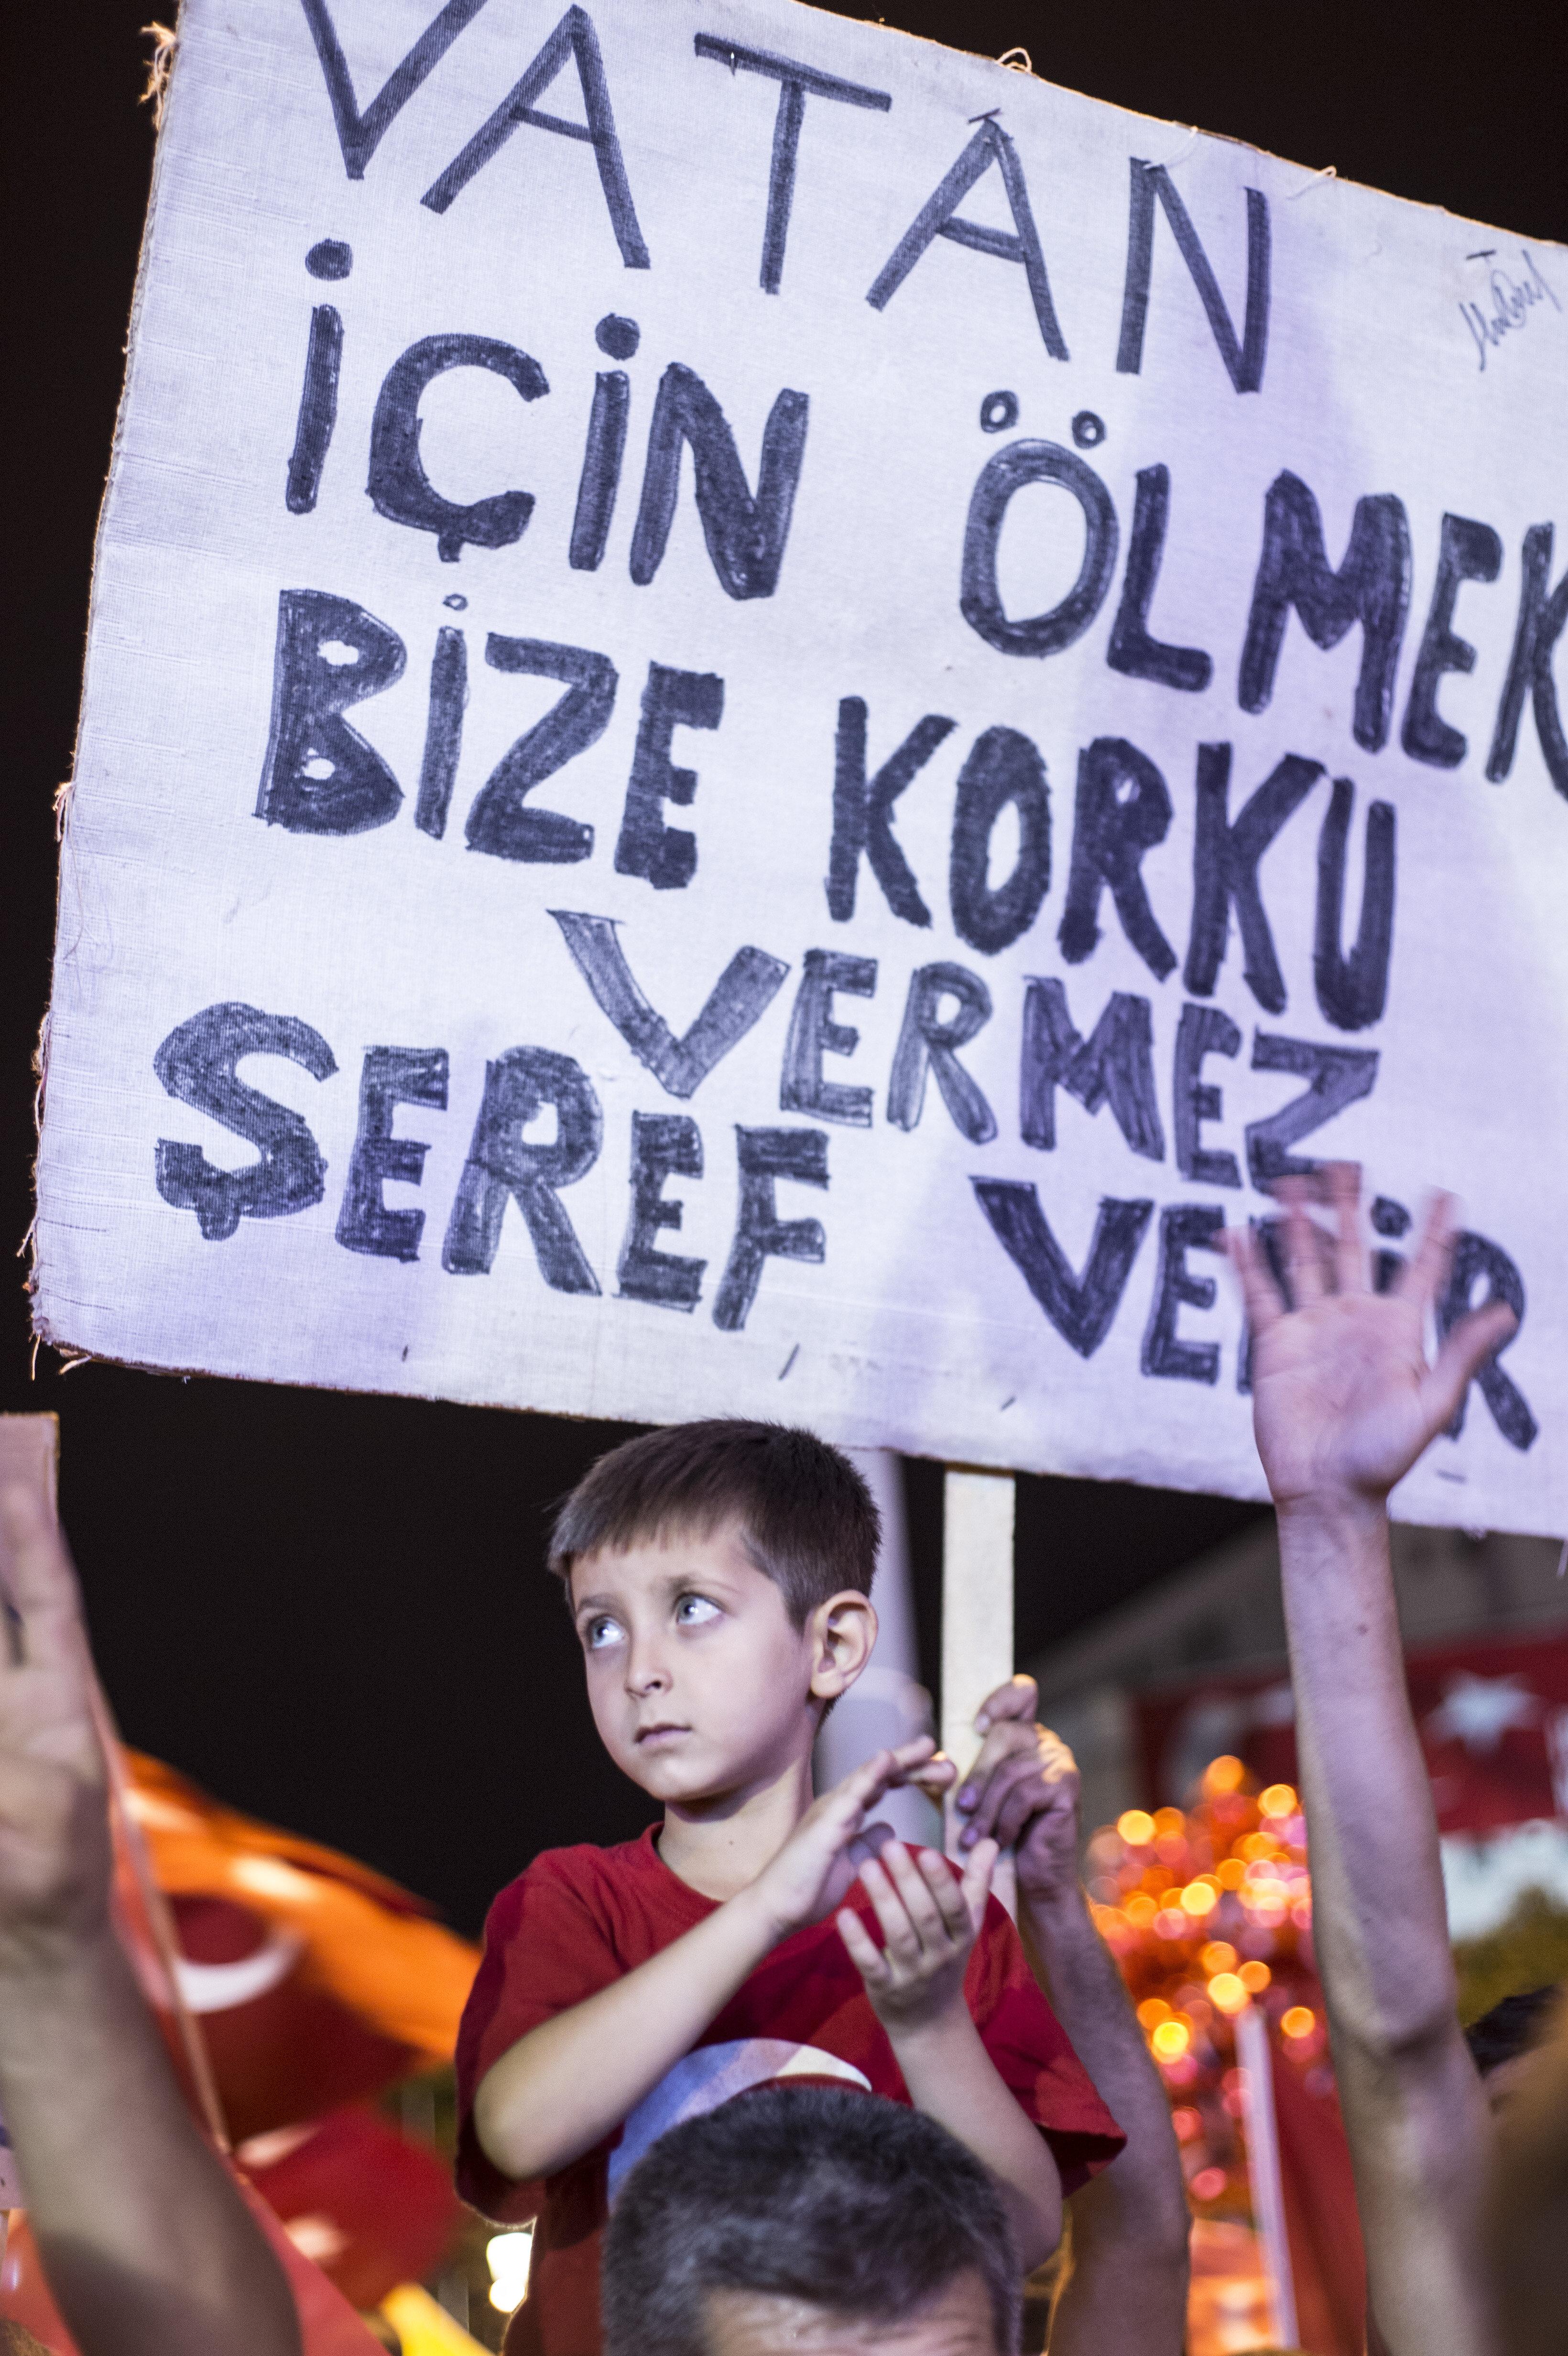 81 ilde halk demokrasi nöbetleri için meydanları bir gün bile boş bırakmadı.